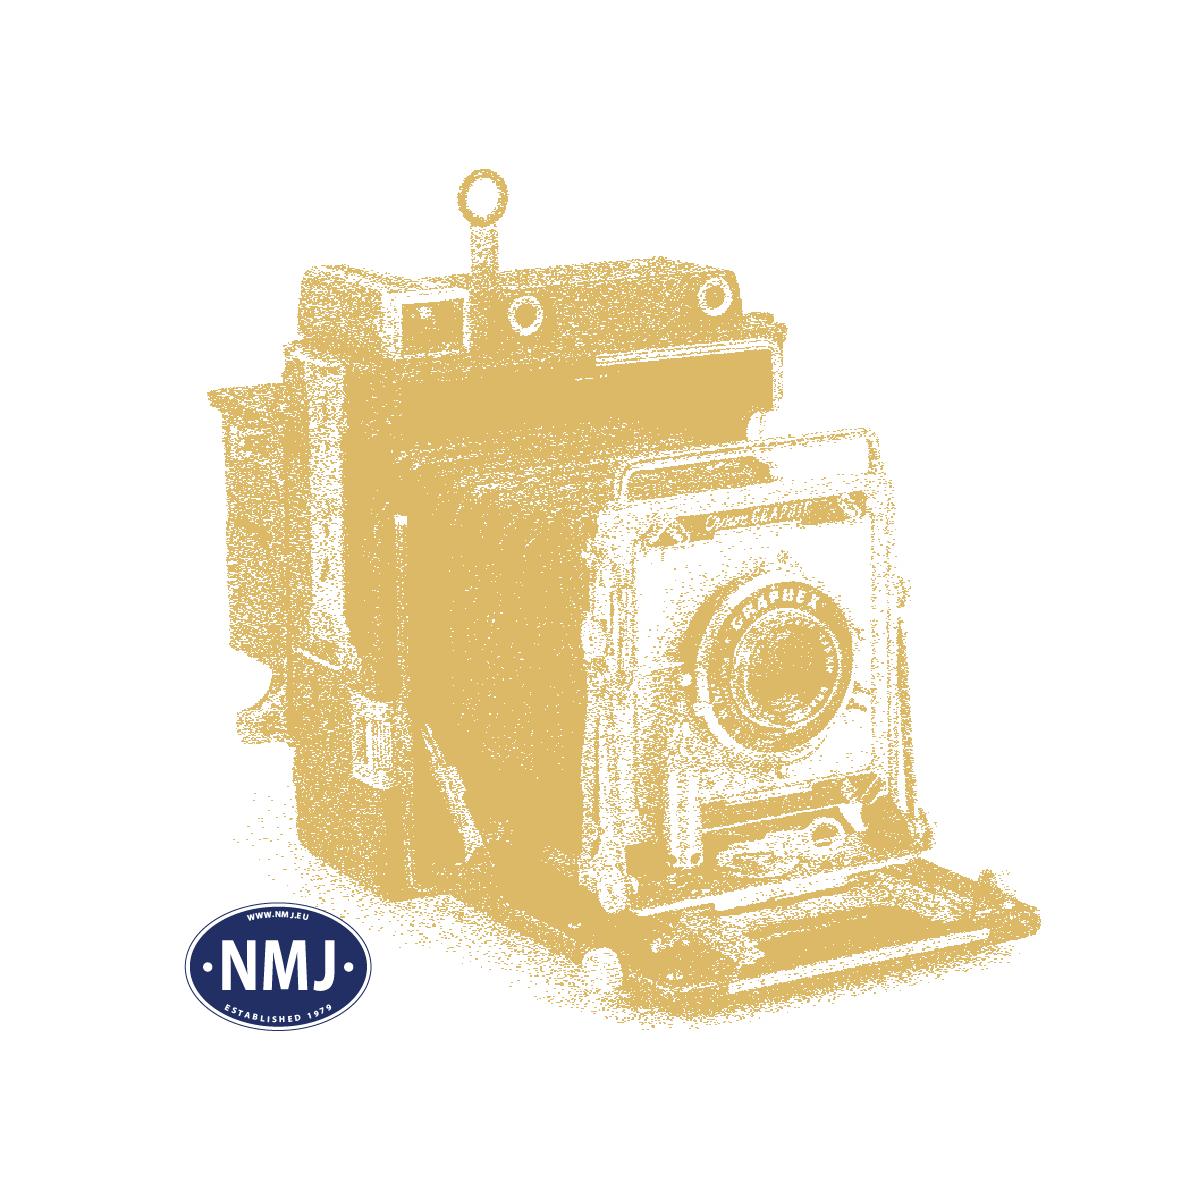 NOC15524 - Gående